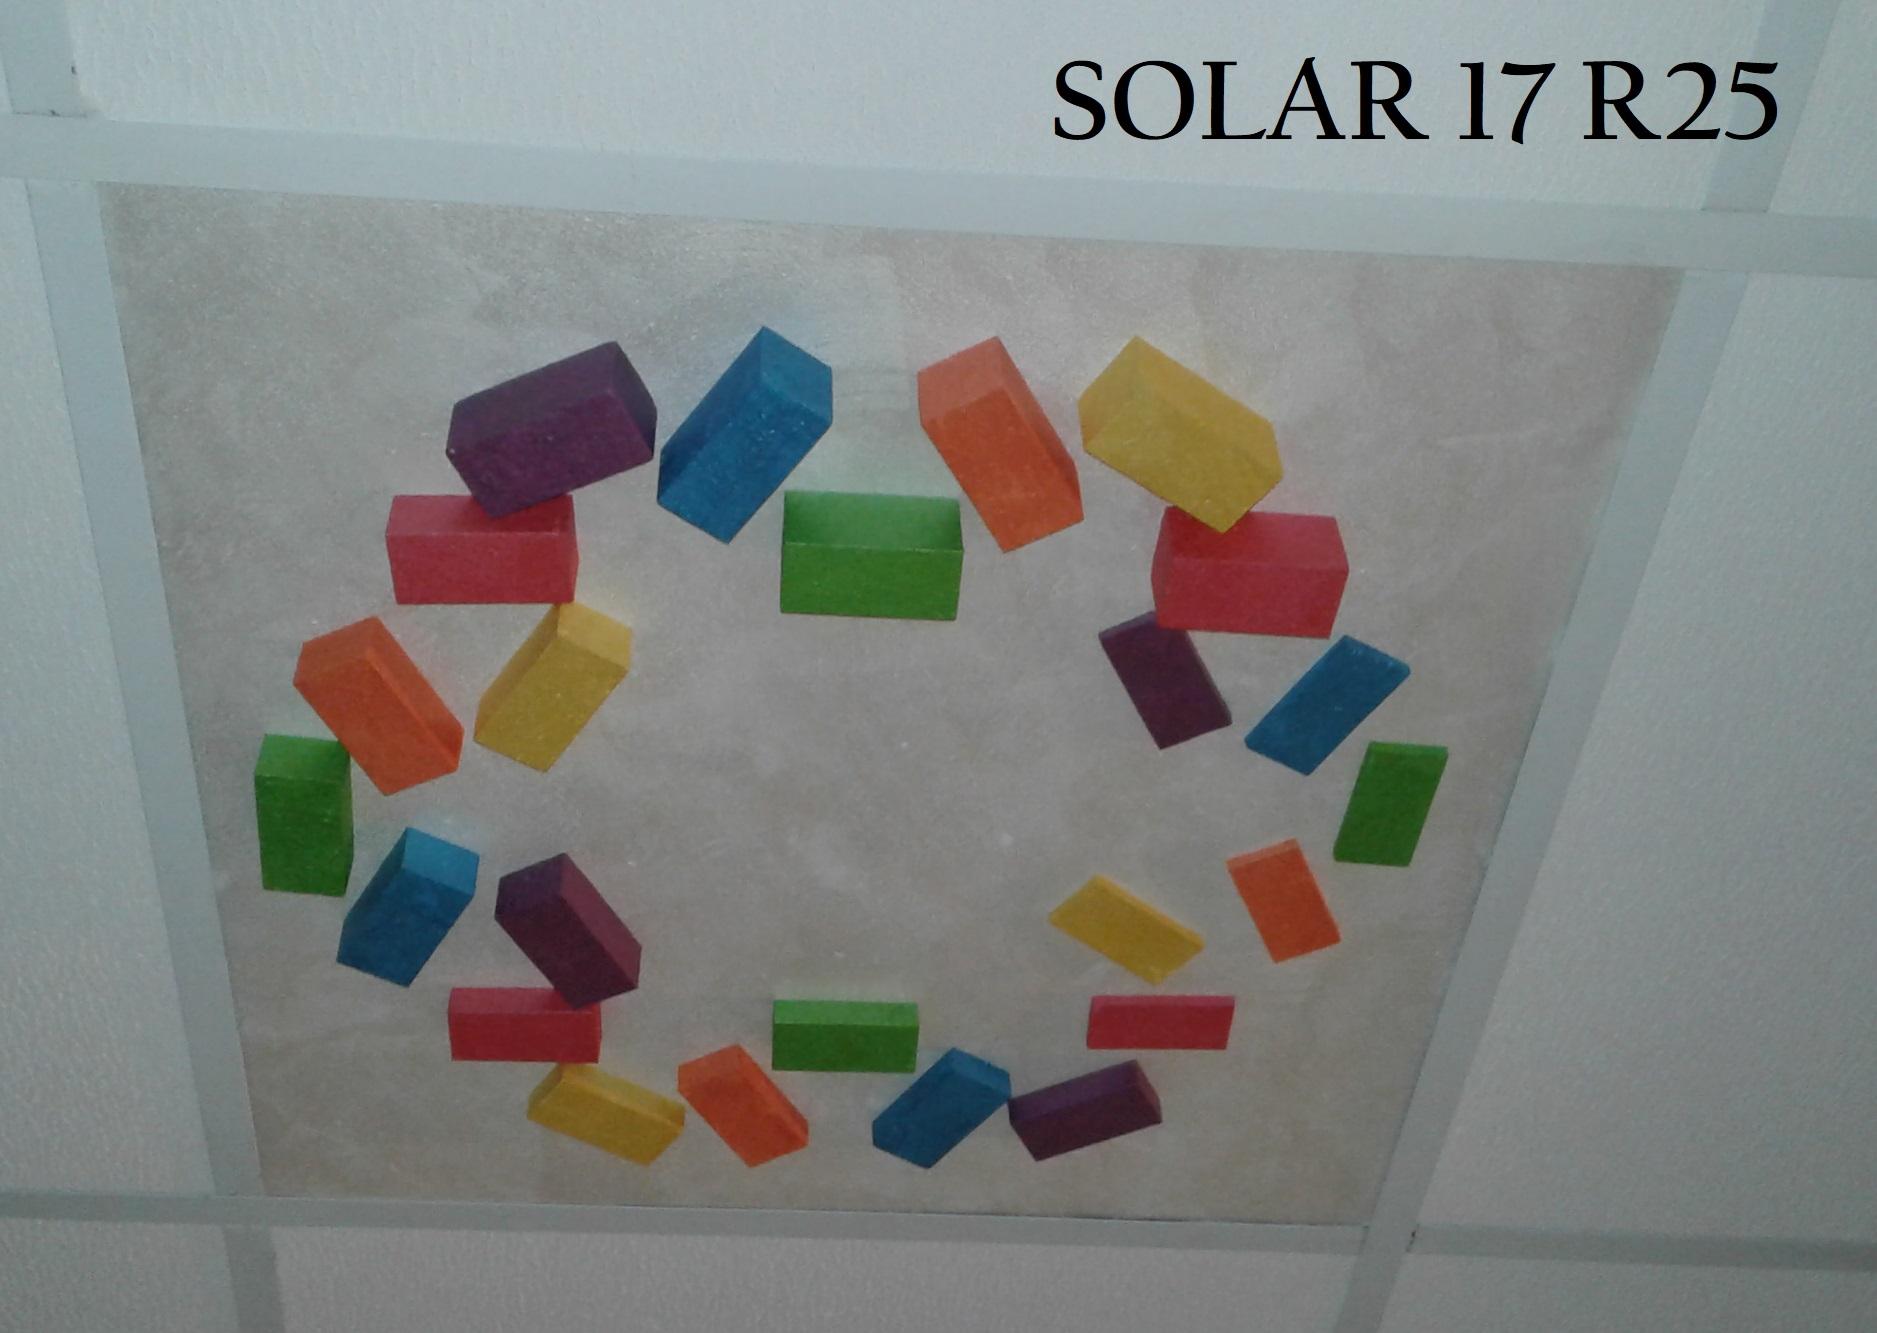 SOLAR 17 R25